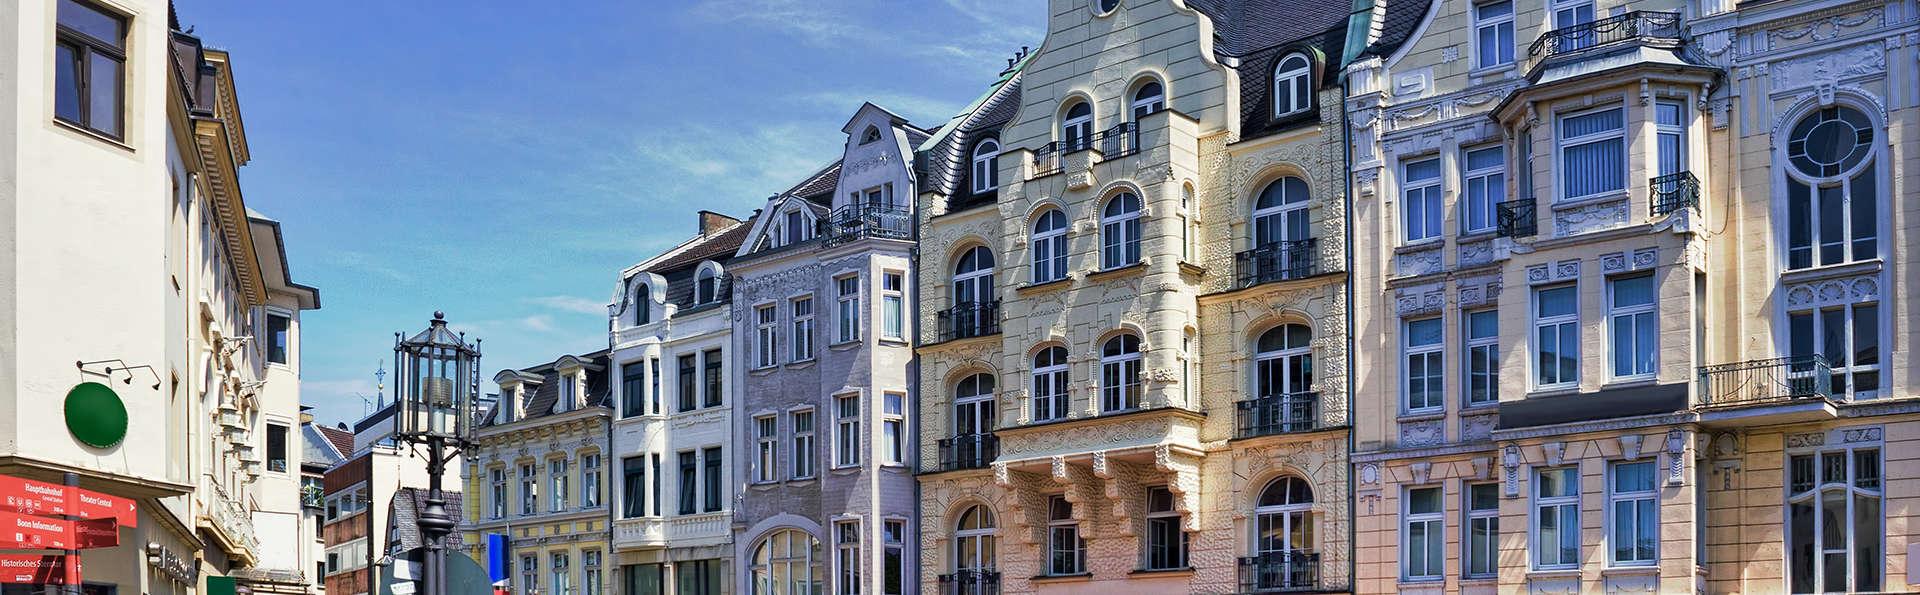 Hotel Collegium Leoninum (Bonn) - EDIT_city.jpg